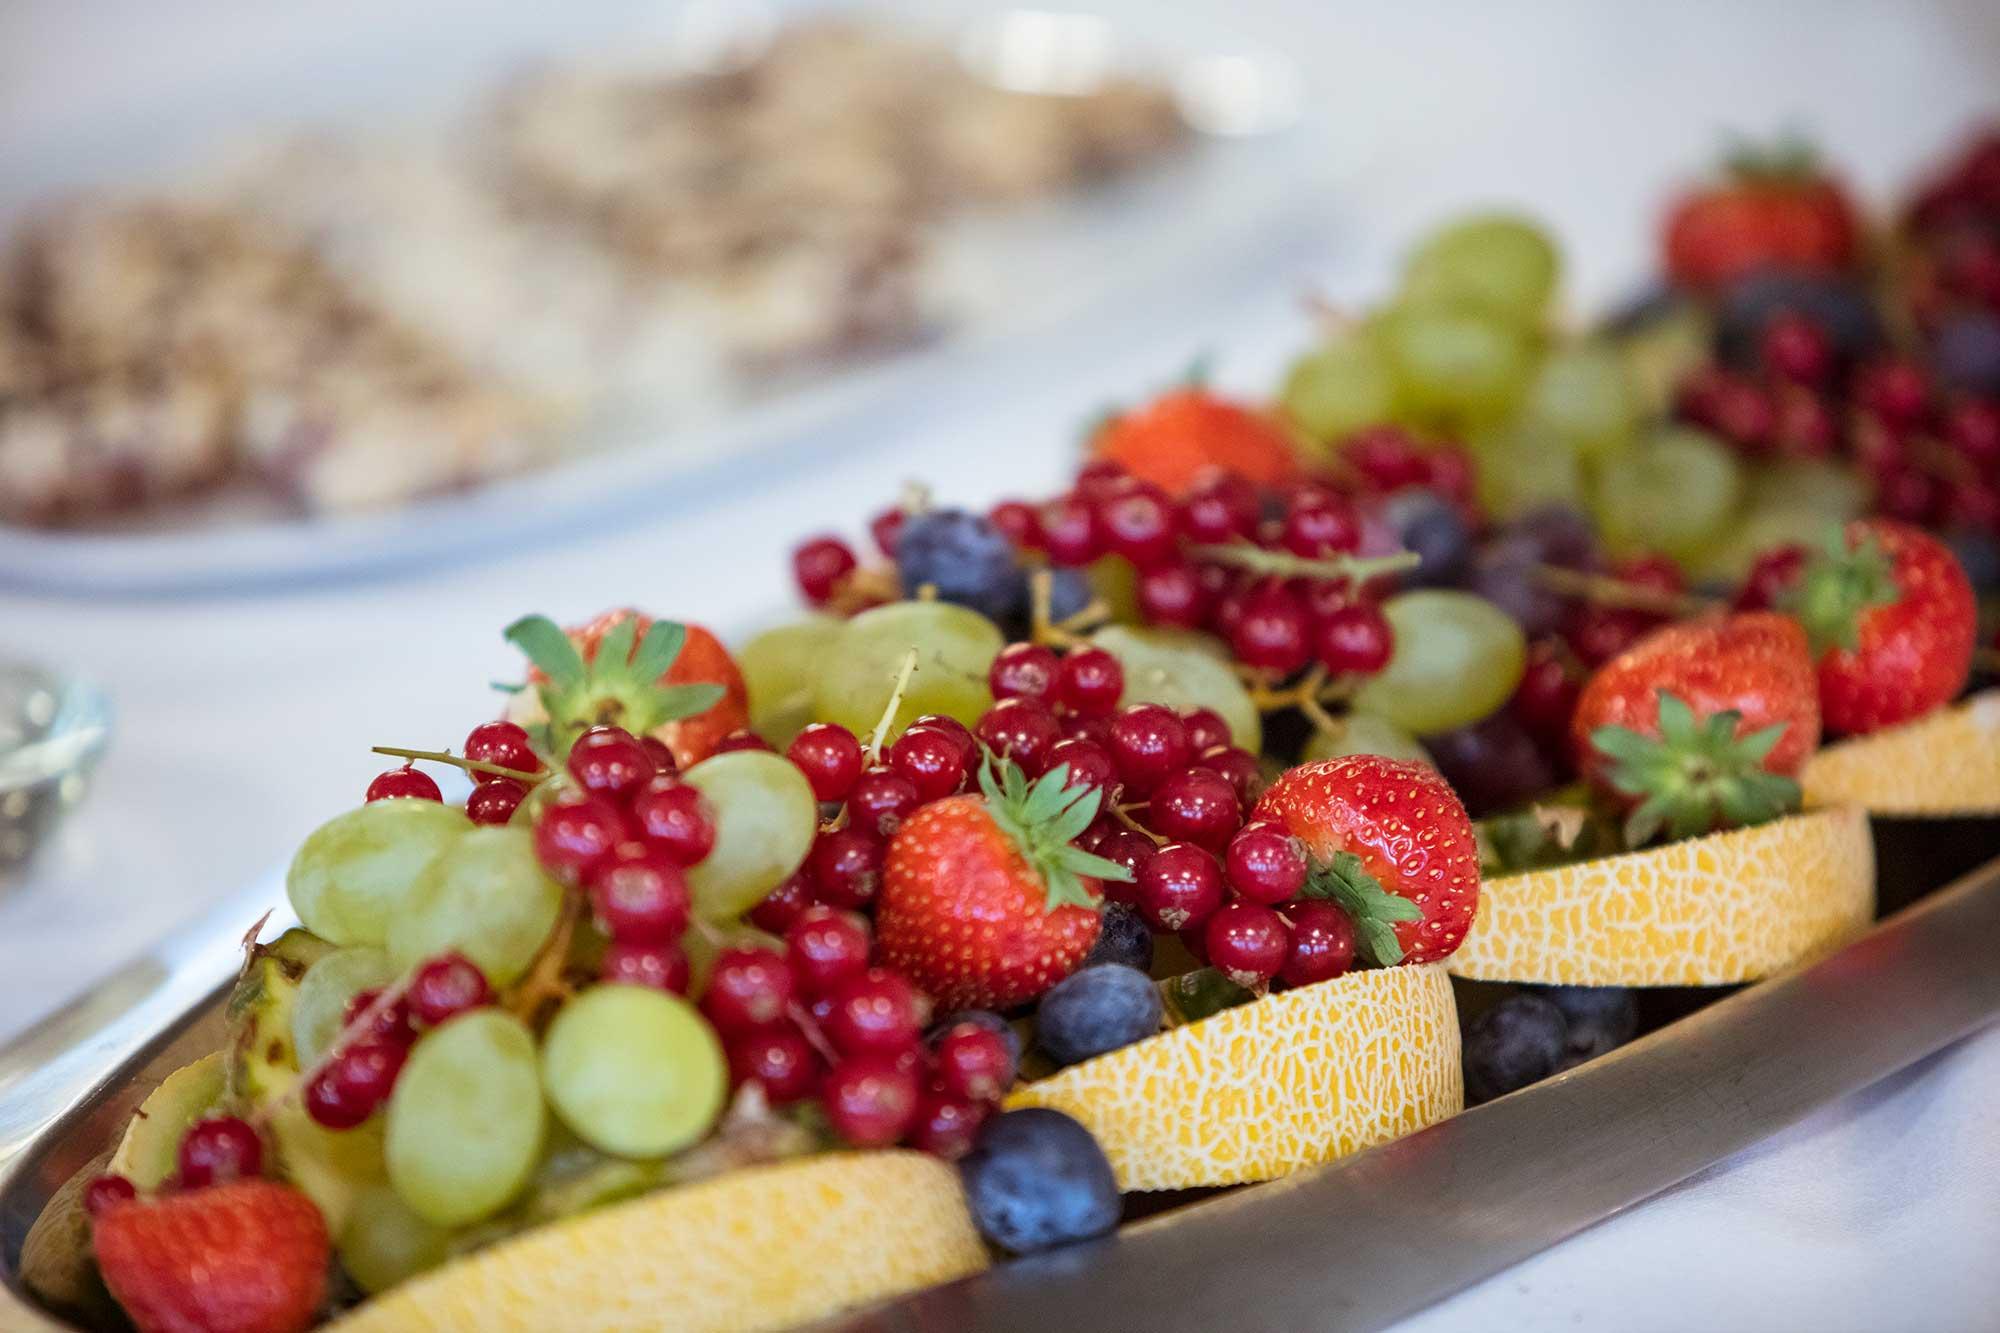 En fruktfat med melon, vindruvor, blåbär, jordgubbar och vinbär